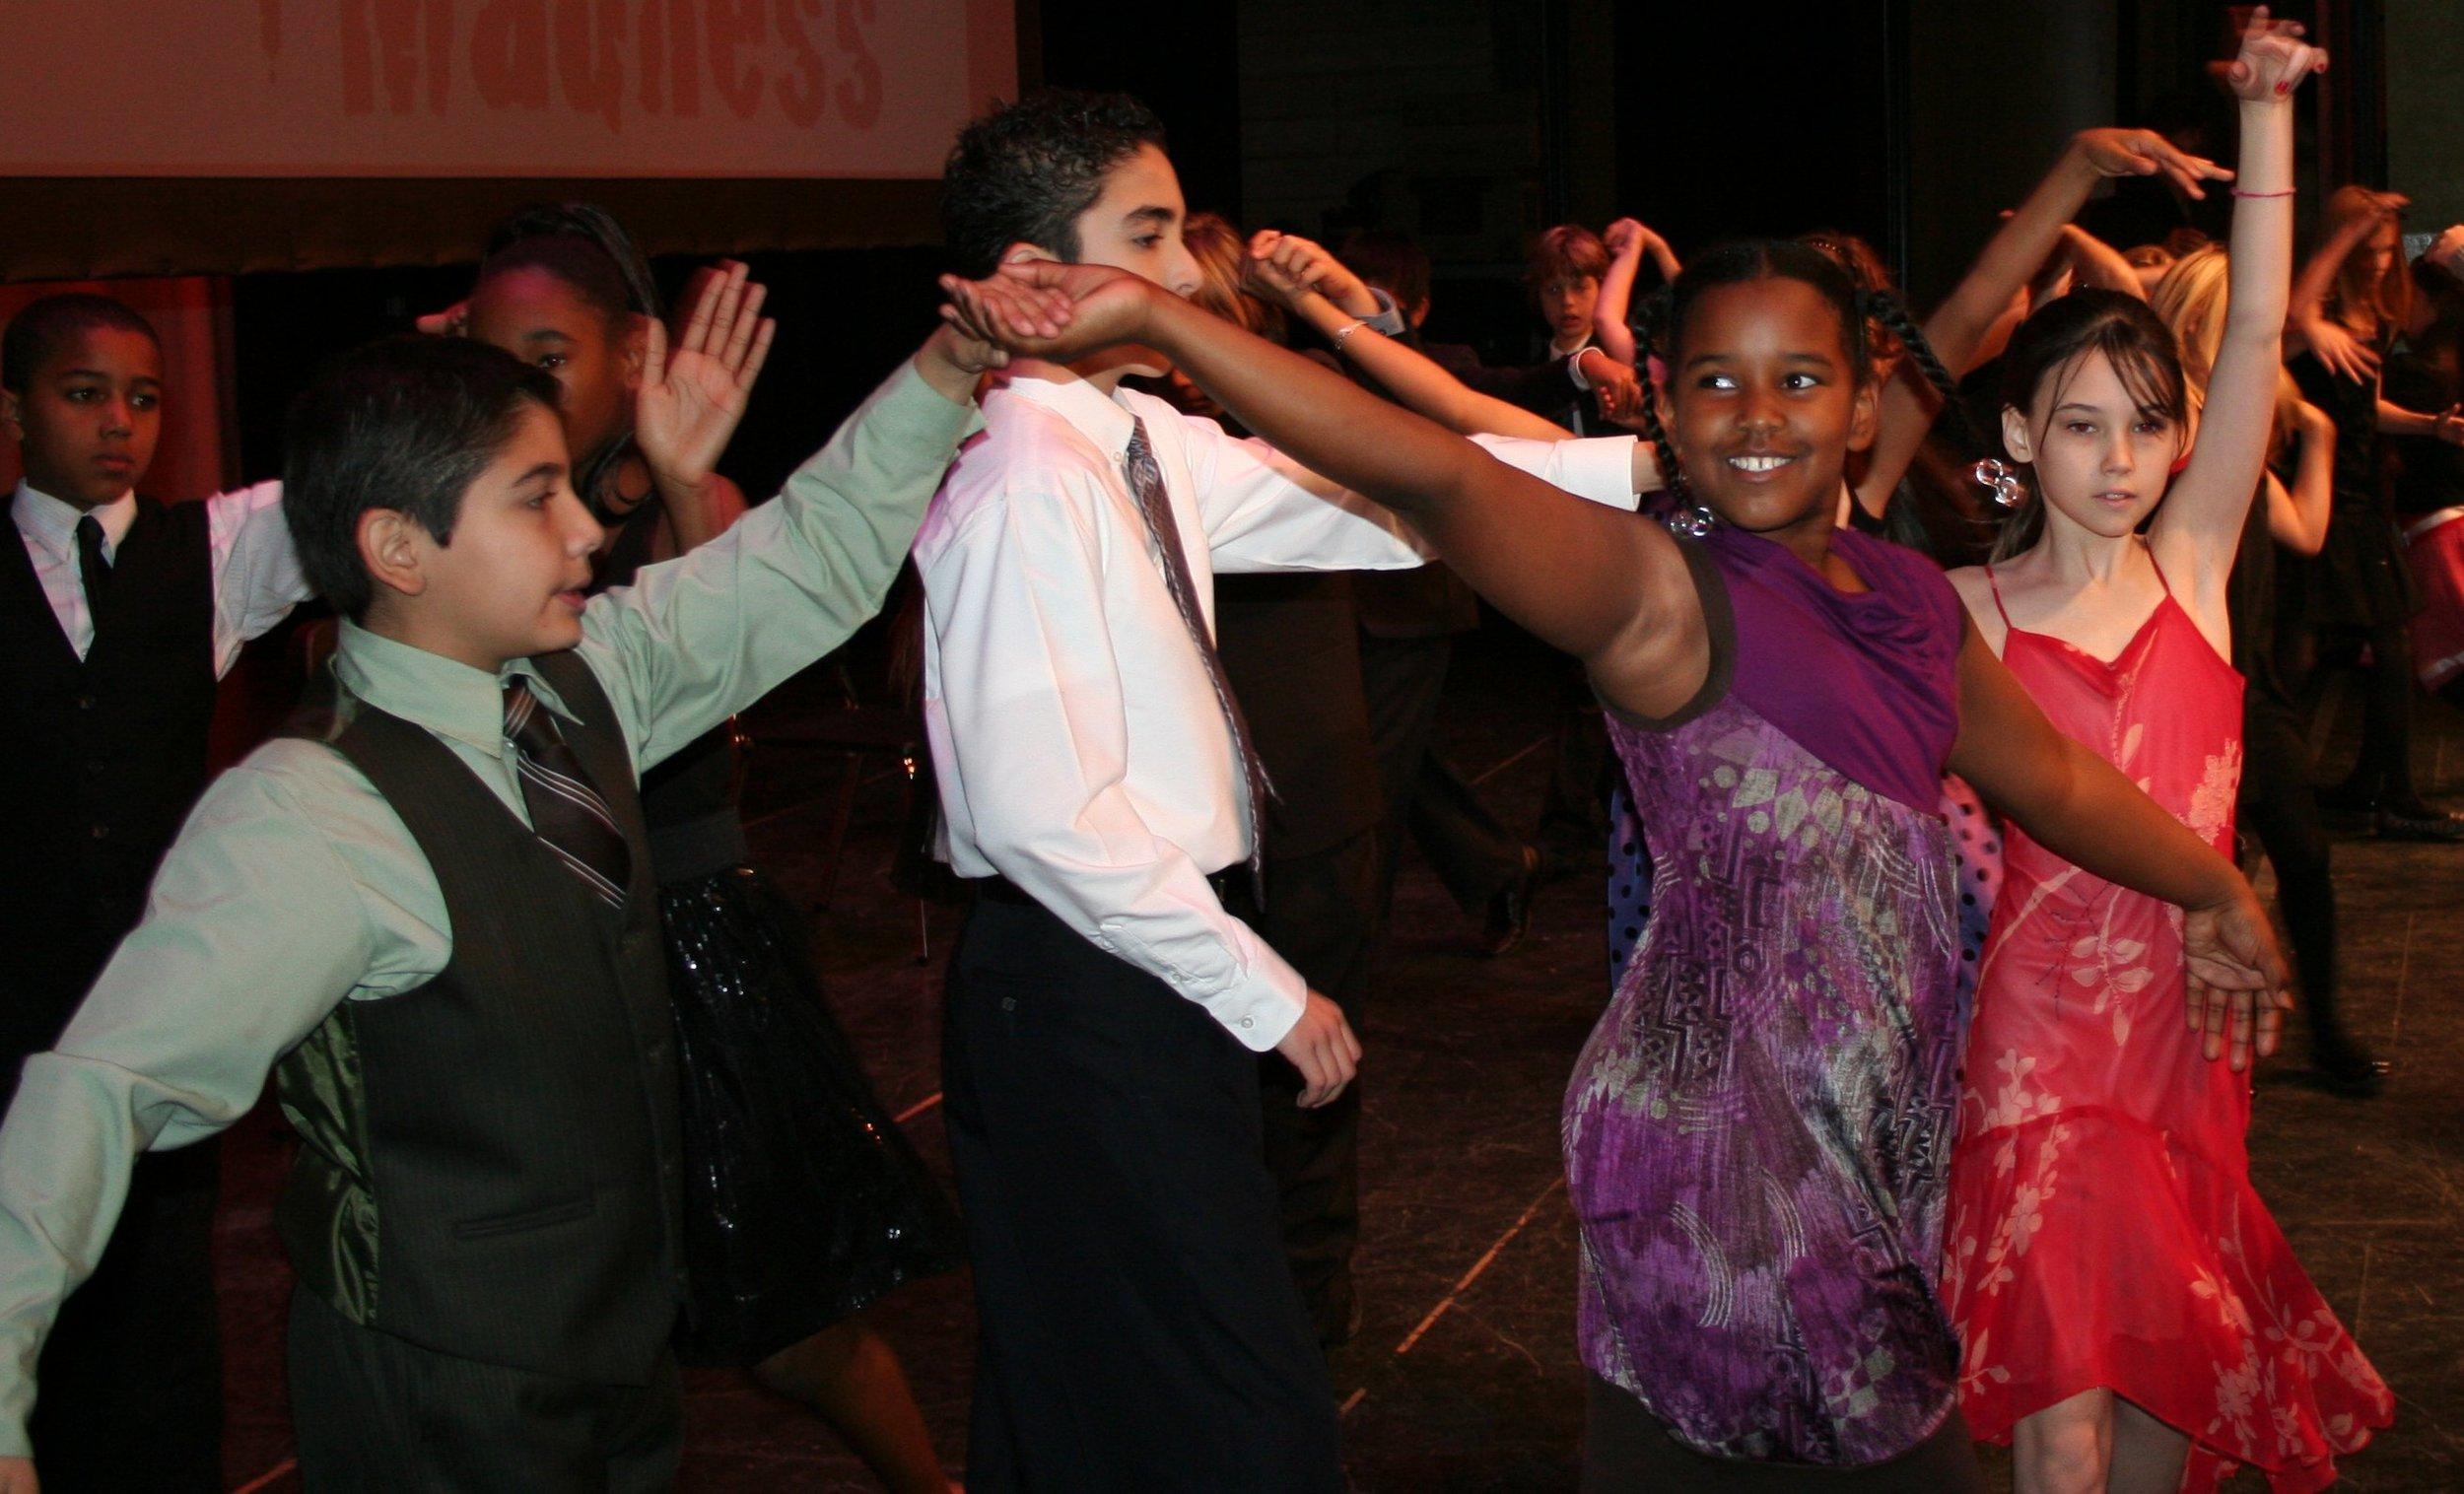 Dance_Ballroom Madness_12-10-09 056A.jpg